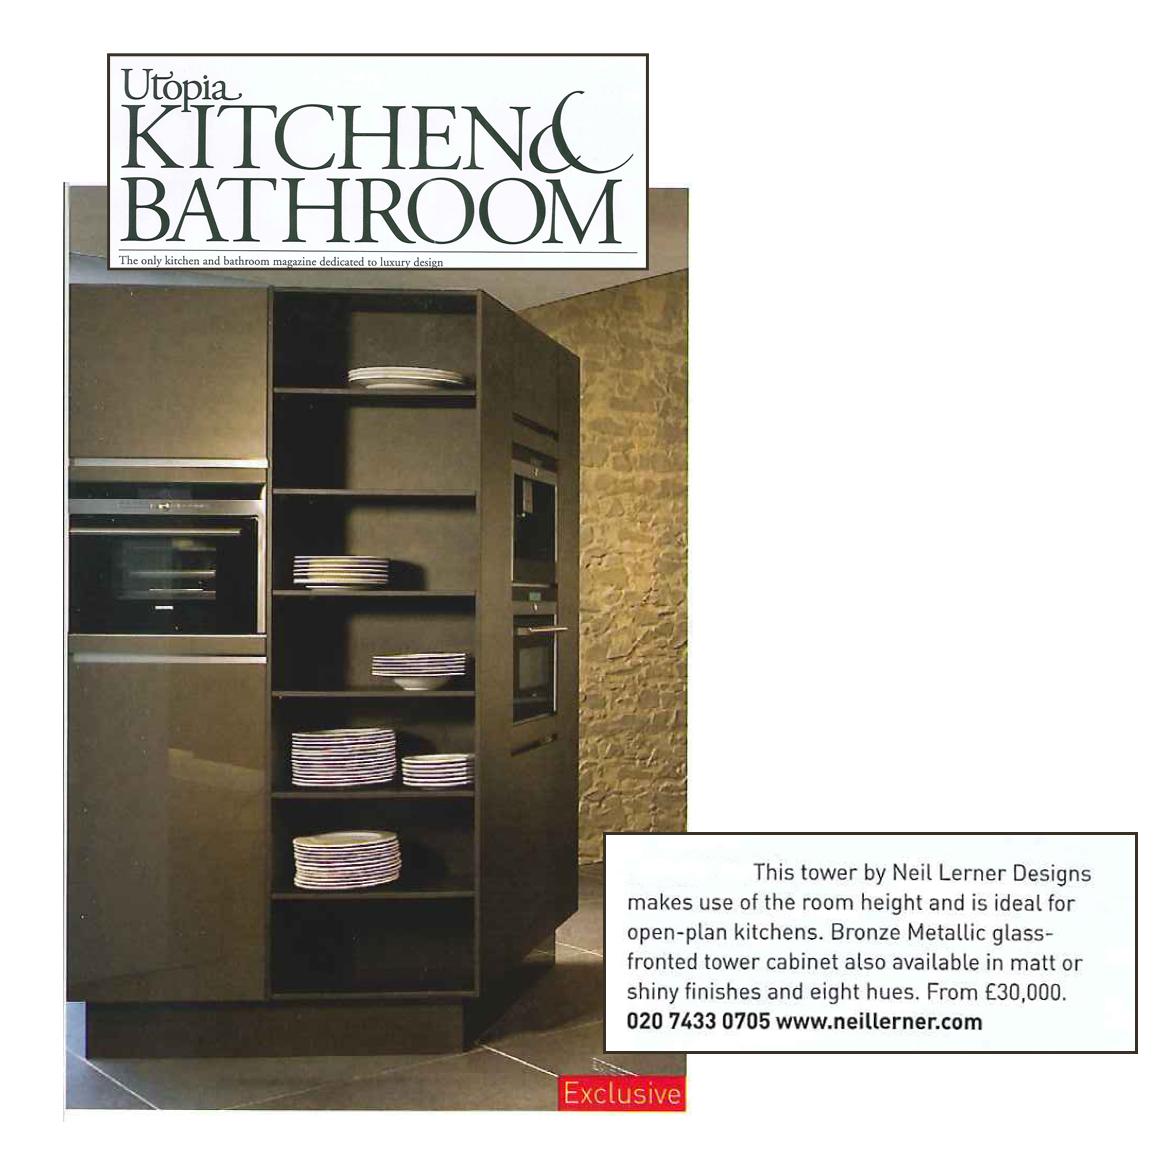 New Modern Kitchens At Neil Lerner: Neil Lerner Kitchen Designs